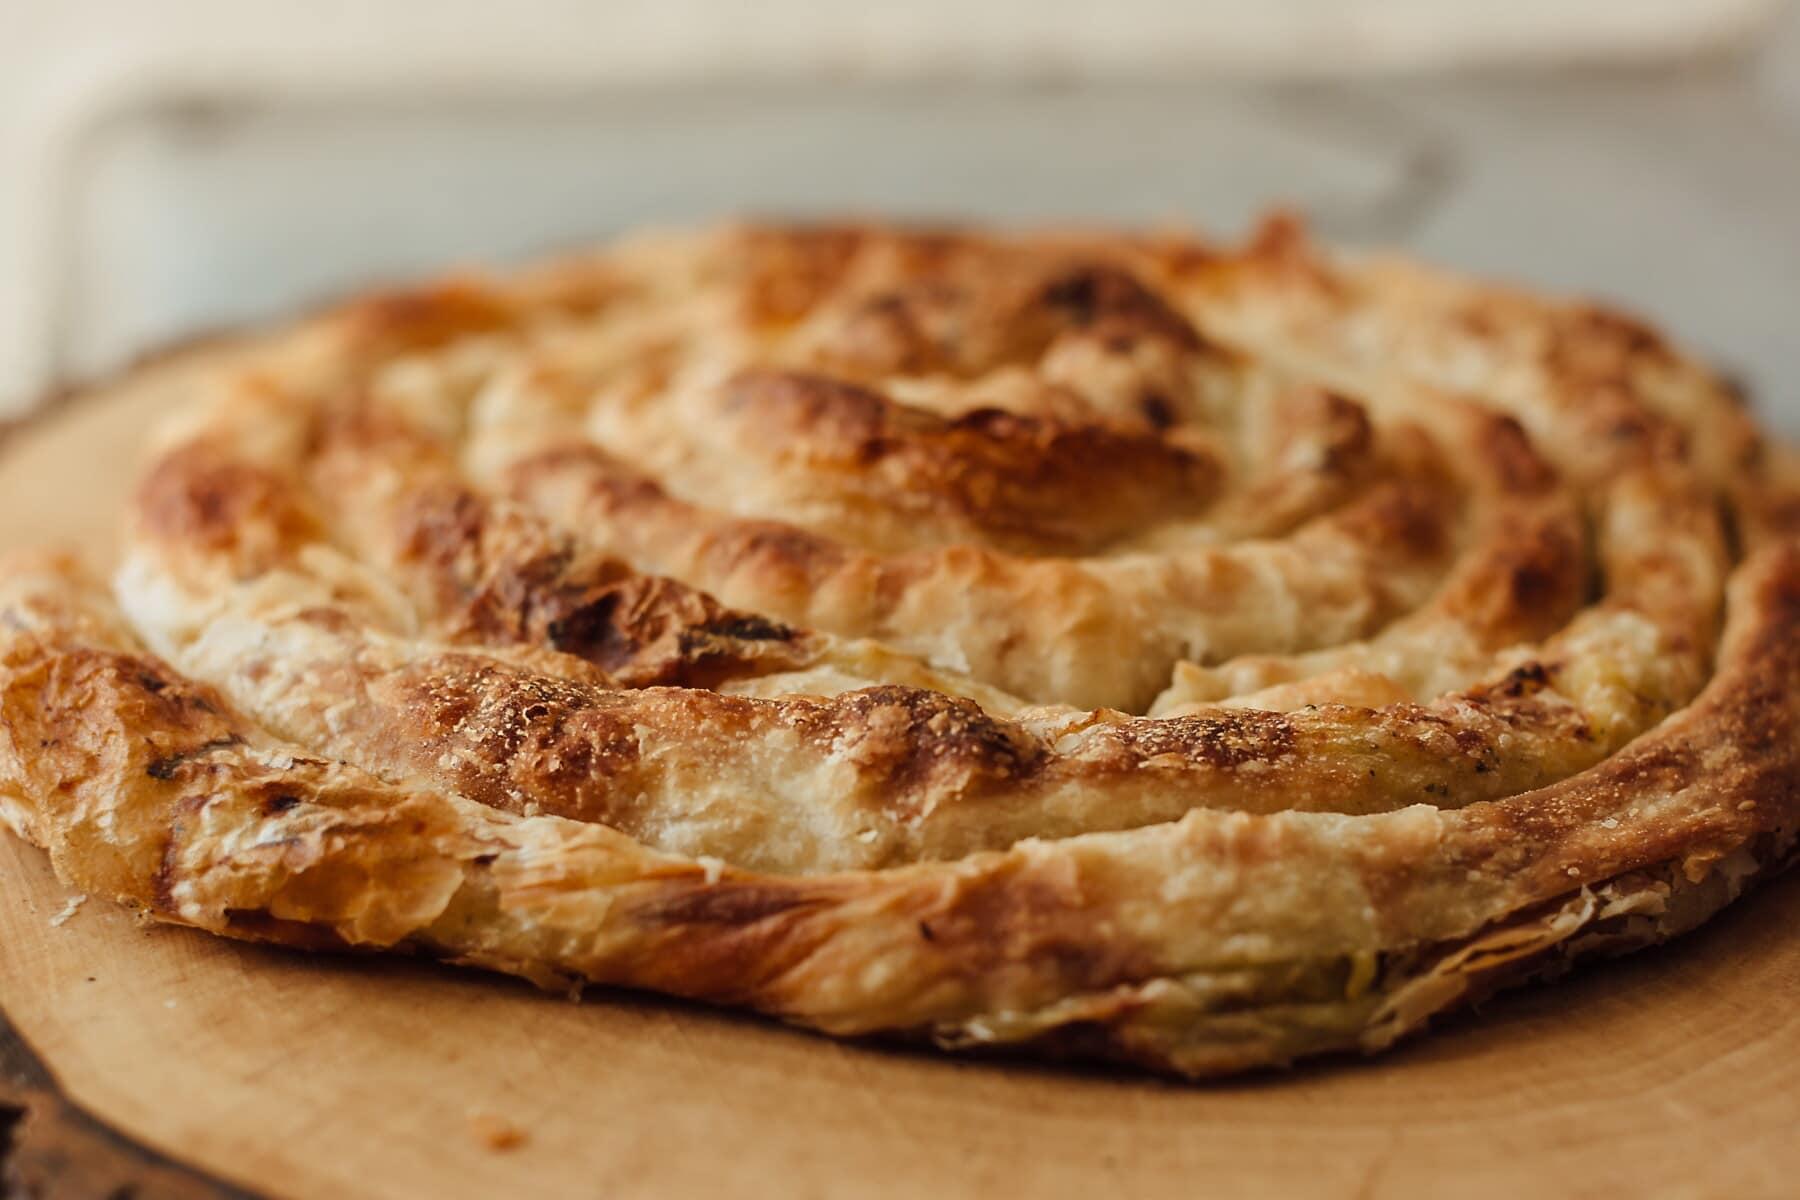 domestique, cuisine, chien, maison, produits de boulangerie, déjeuner, pâte à tarte, savoureux, alimentaire, repas